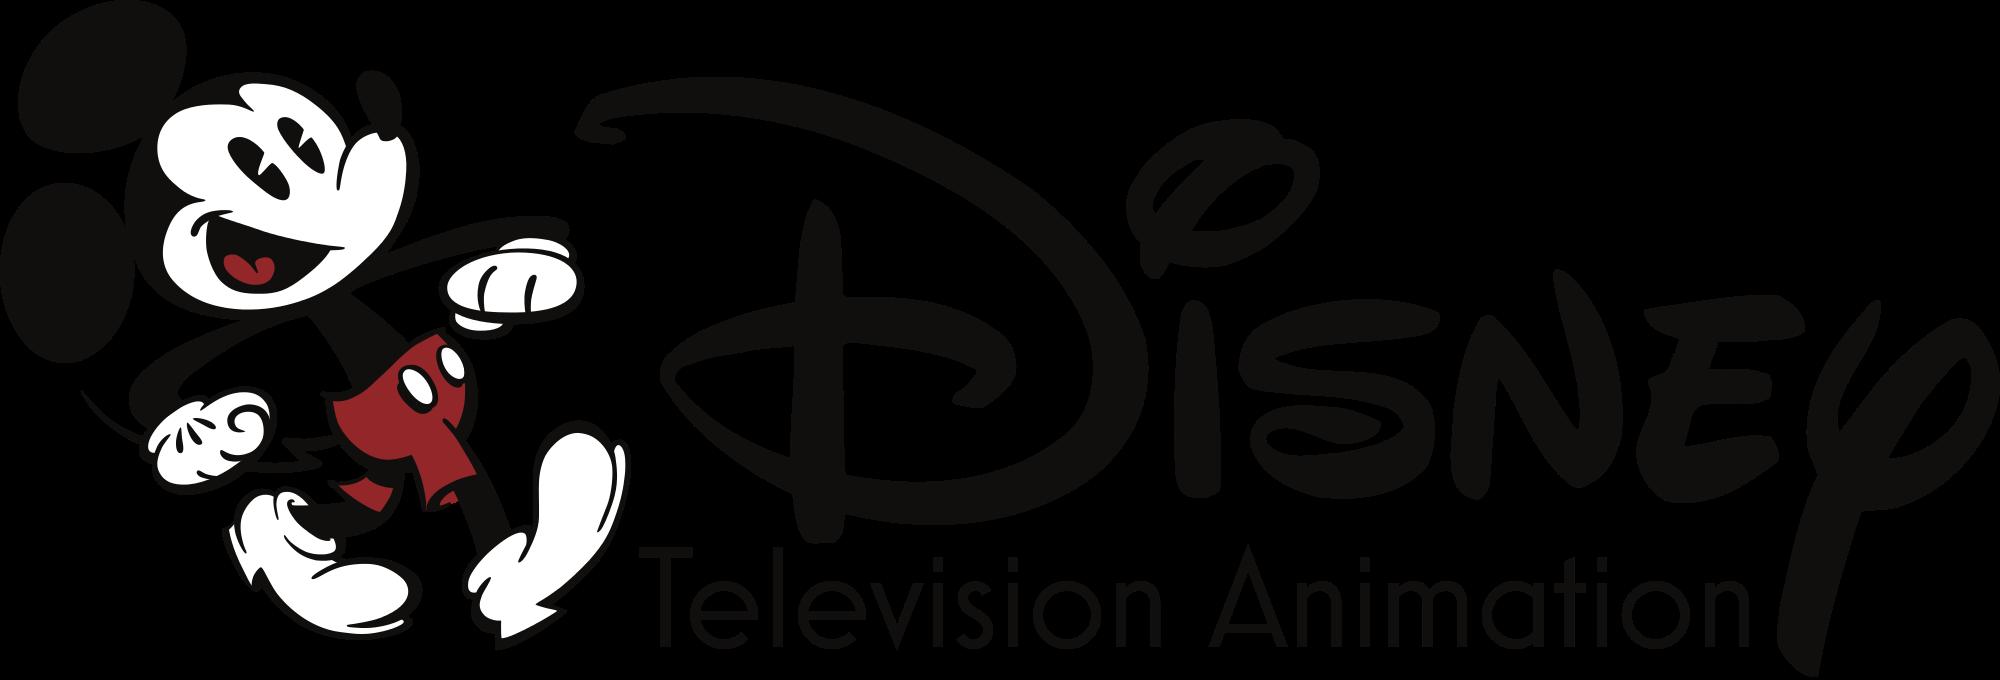 Disney Television Animation | Disney Wiki | FANDOM powered by Wikia